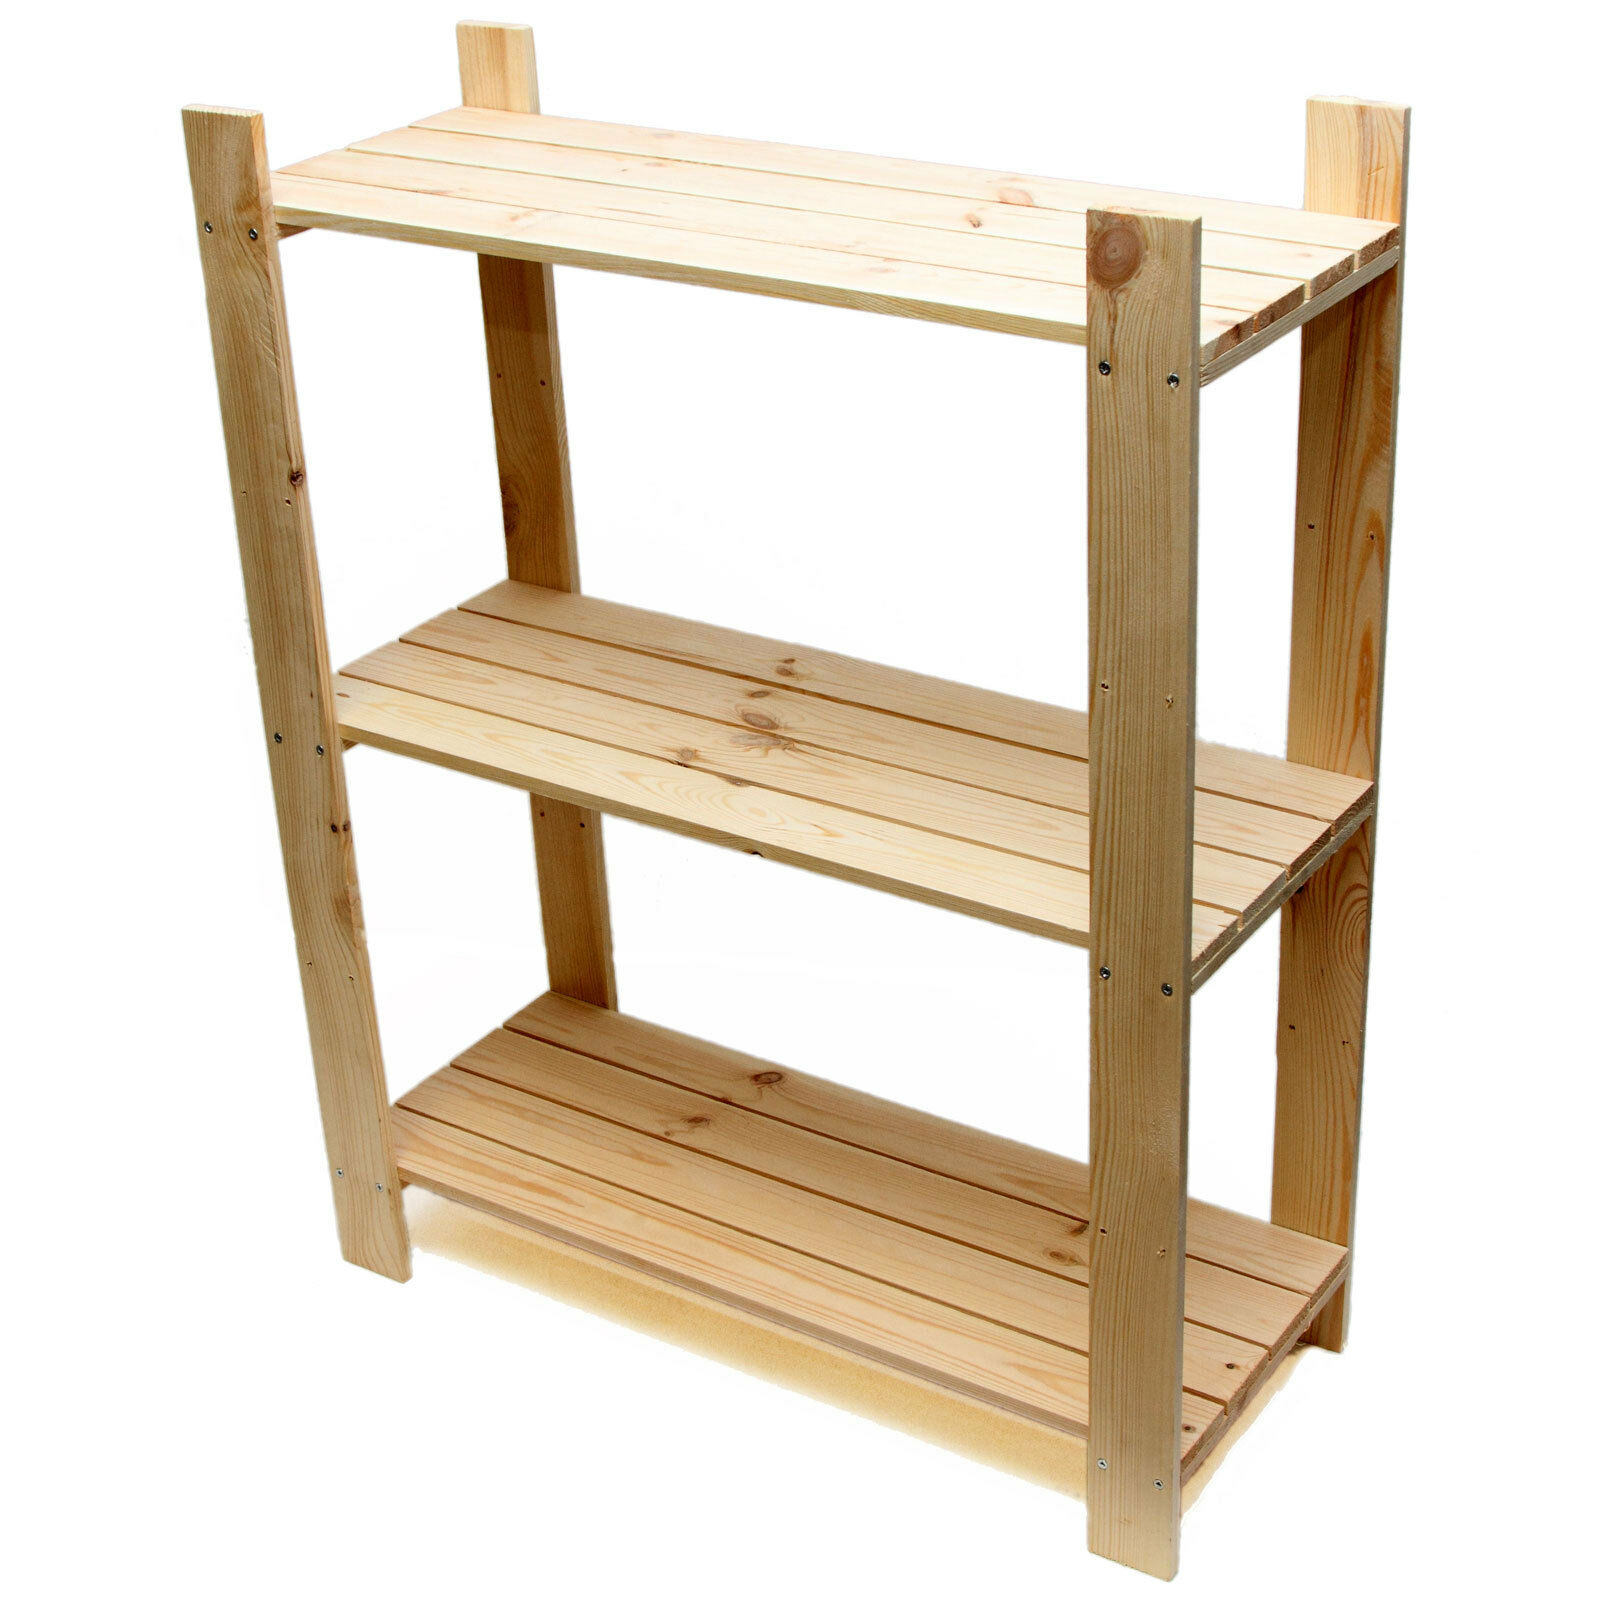 Wood Shelf Units Wood Shelf Unit Plans